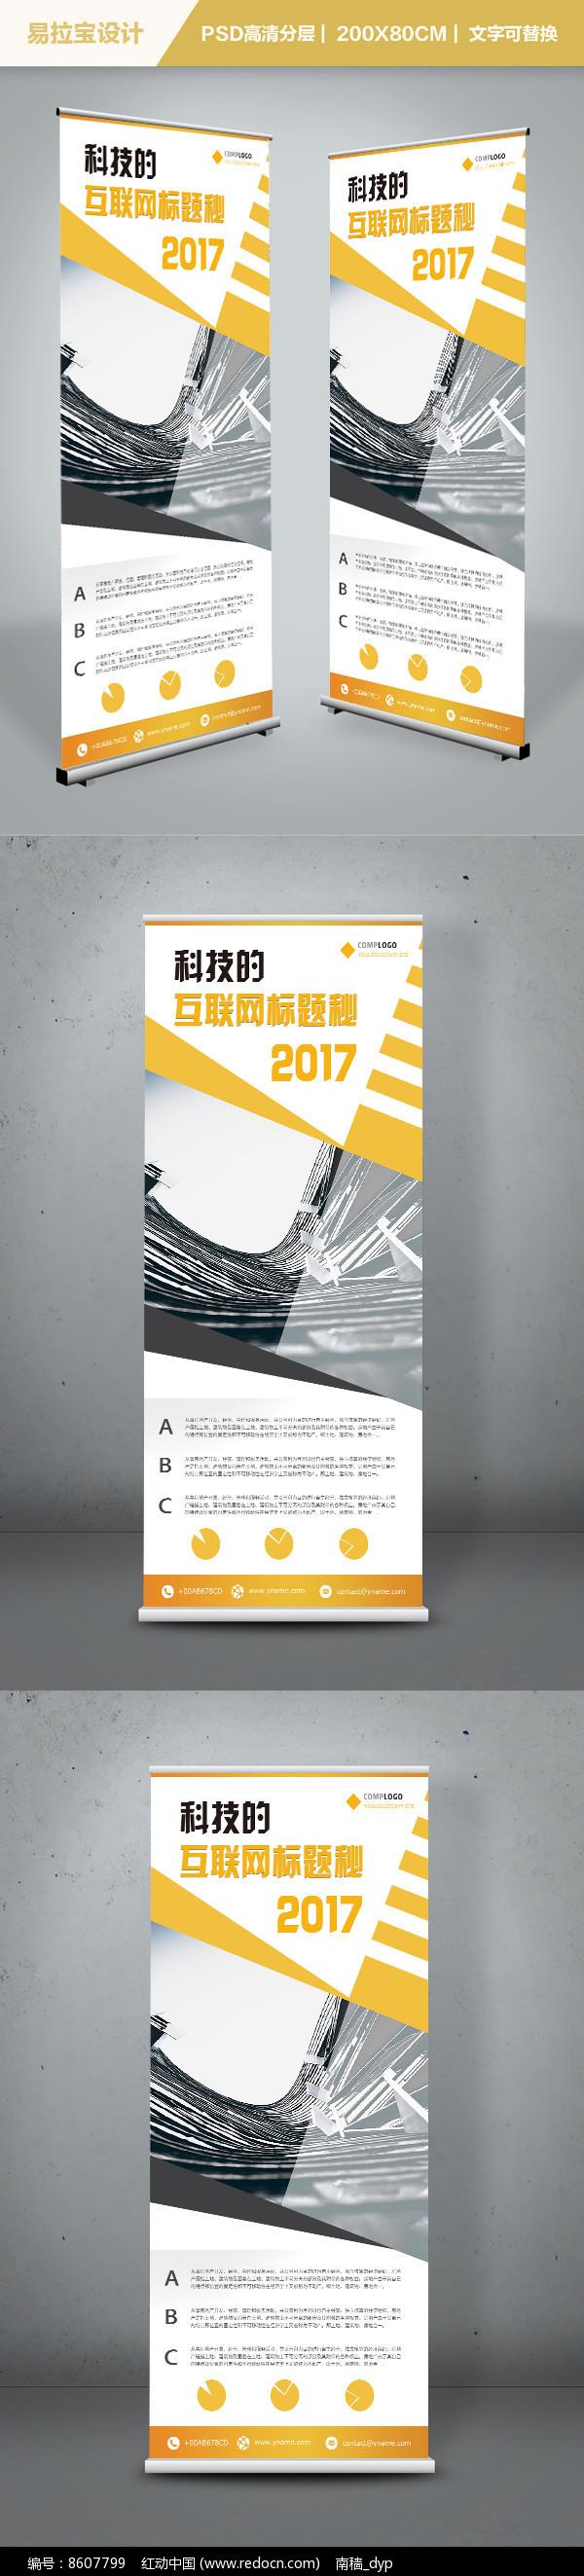 黄色大气企业宣传易拉宝图片